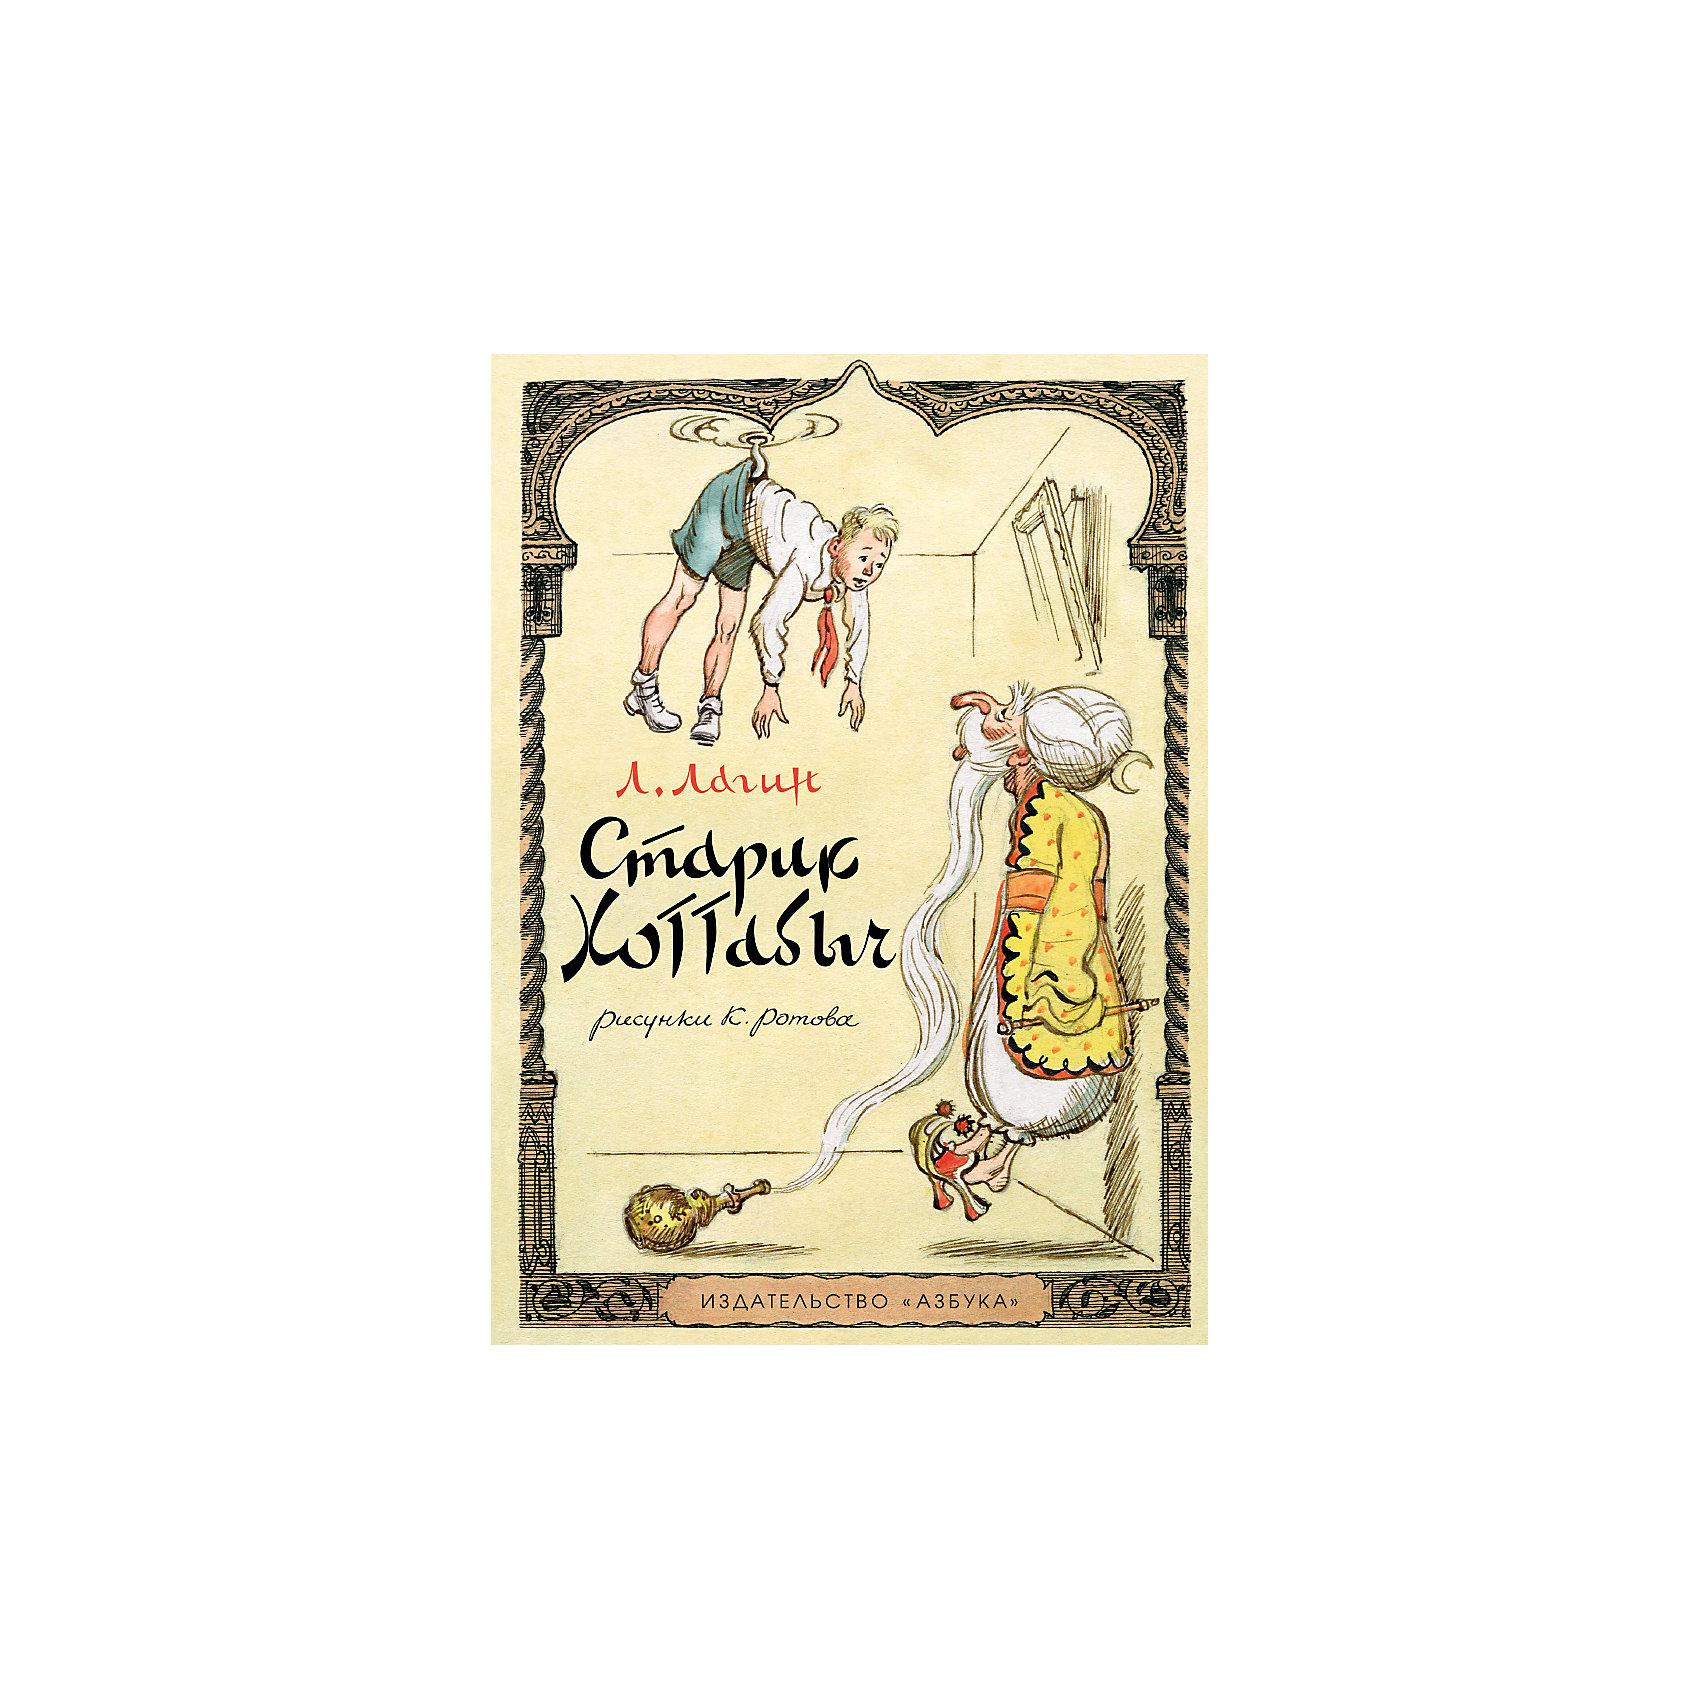 Старик Хоттабыч, Л.И. ЛагинРусские сказки<br>Что ждет юного пионера, случайно раздобывшего накрепко запечатанный старинный кувшин? <br>История, рассказанная на страницах этой книги, — захватывающая, уморительно-смешная и по-настоящему добрая, ведь пионера Вольку и джинна Гассана Абдуррахмана ибн Хоттаба ждет вихрь удивительных приключений, благодаря которым один слегка повзрослеет, а другой научится смотреть на мир совершенно иначе...<br>Существует множество прекрасных иллюстраций к этой повести. Но рисунки замечательного художника Константина Ротова, выполненные более полувека назад, по праву считаются классикой — ведь они такие же смешные и добрые, как сама книга.<br><br>Дополнительная информация:<br><br>Автор: Лазарь Лагин;<br>Формат: 21х16,5 см;<br>Переплет: твердый переплет;<br>Страниц: 240;<br>Вес: 498 г.;<br>Производитель: Махаон, Россия.<br>Год выпуска: 2015;<br><br>Книгу Л. Лагина Старик Хоттабыч можно купить в нашем магазине.<br><br>Ширина мм: 210<br>Глубина мм: 165<br>Высота мм: 18<br>Вес г: 498<br>Возраст от месяцев: 132<br>Возраст до месяцев: 168<br>Пол: Унисекс<br>Возраст: Детский<br>SKU: 4725980